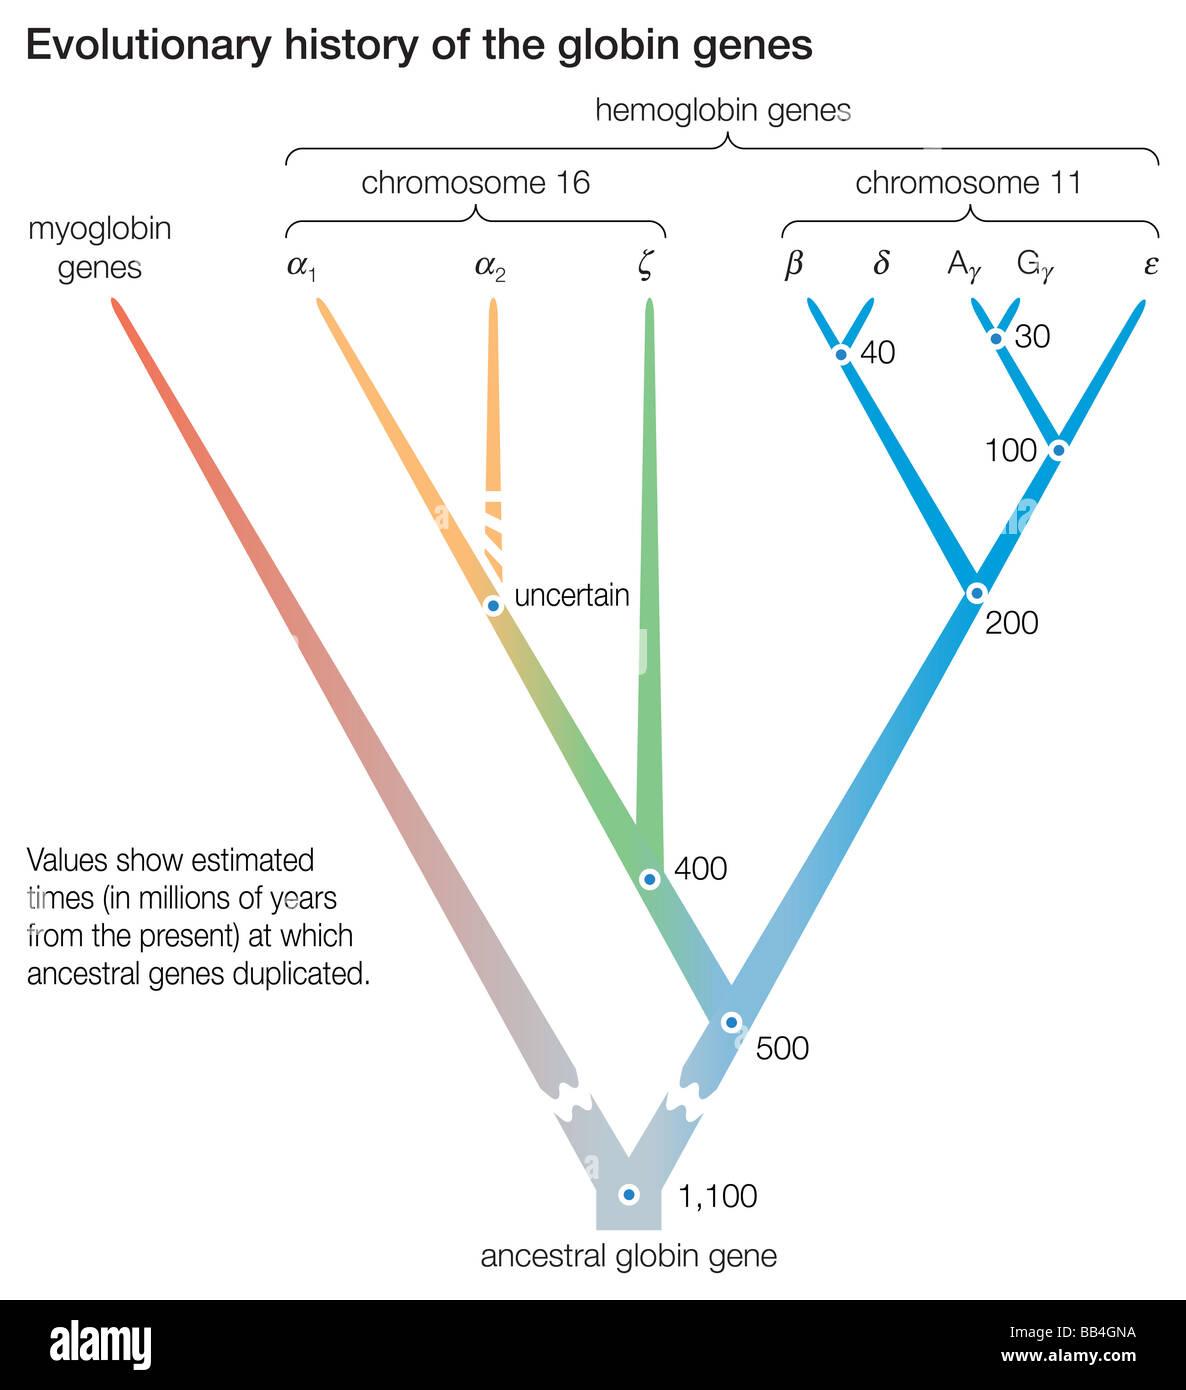 La storia evolutiva dei geni per la globina. I punti indicano la duplicazione dei geni ancestrali, dando origine Immagini Stock